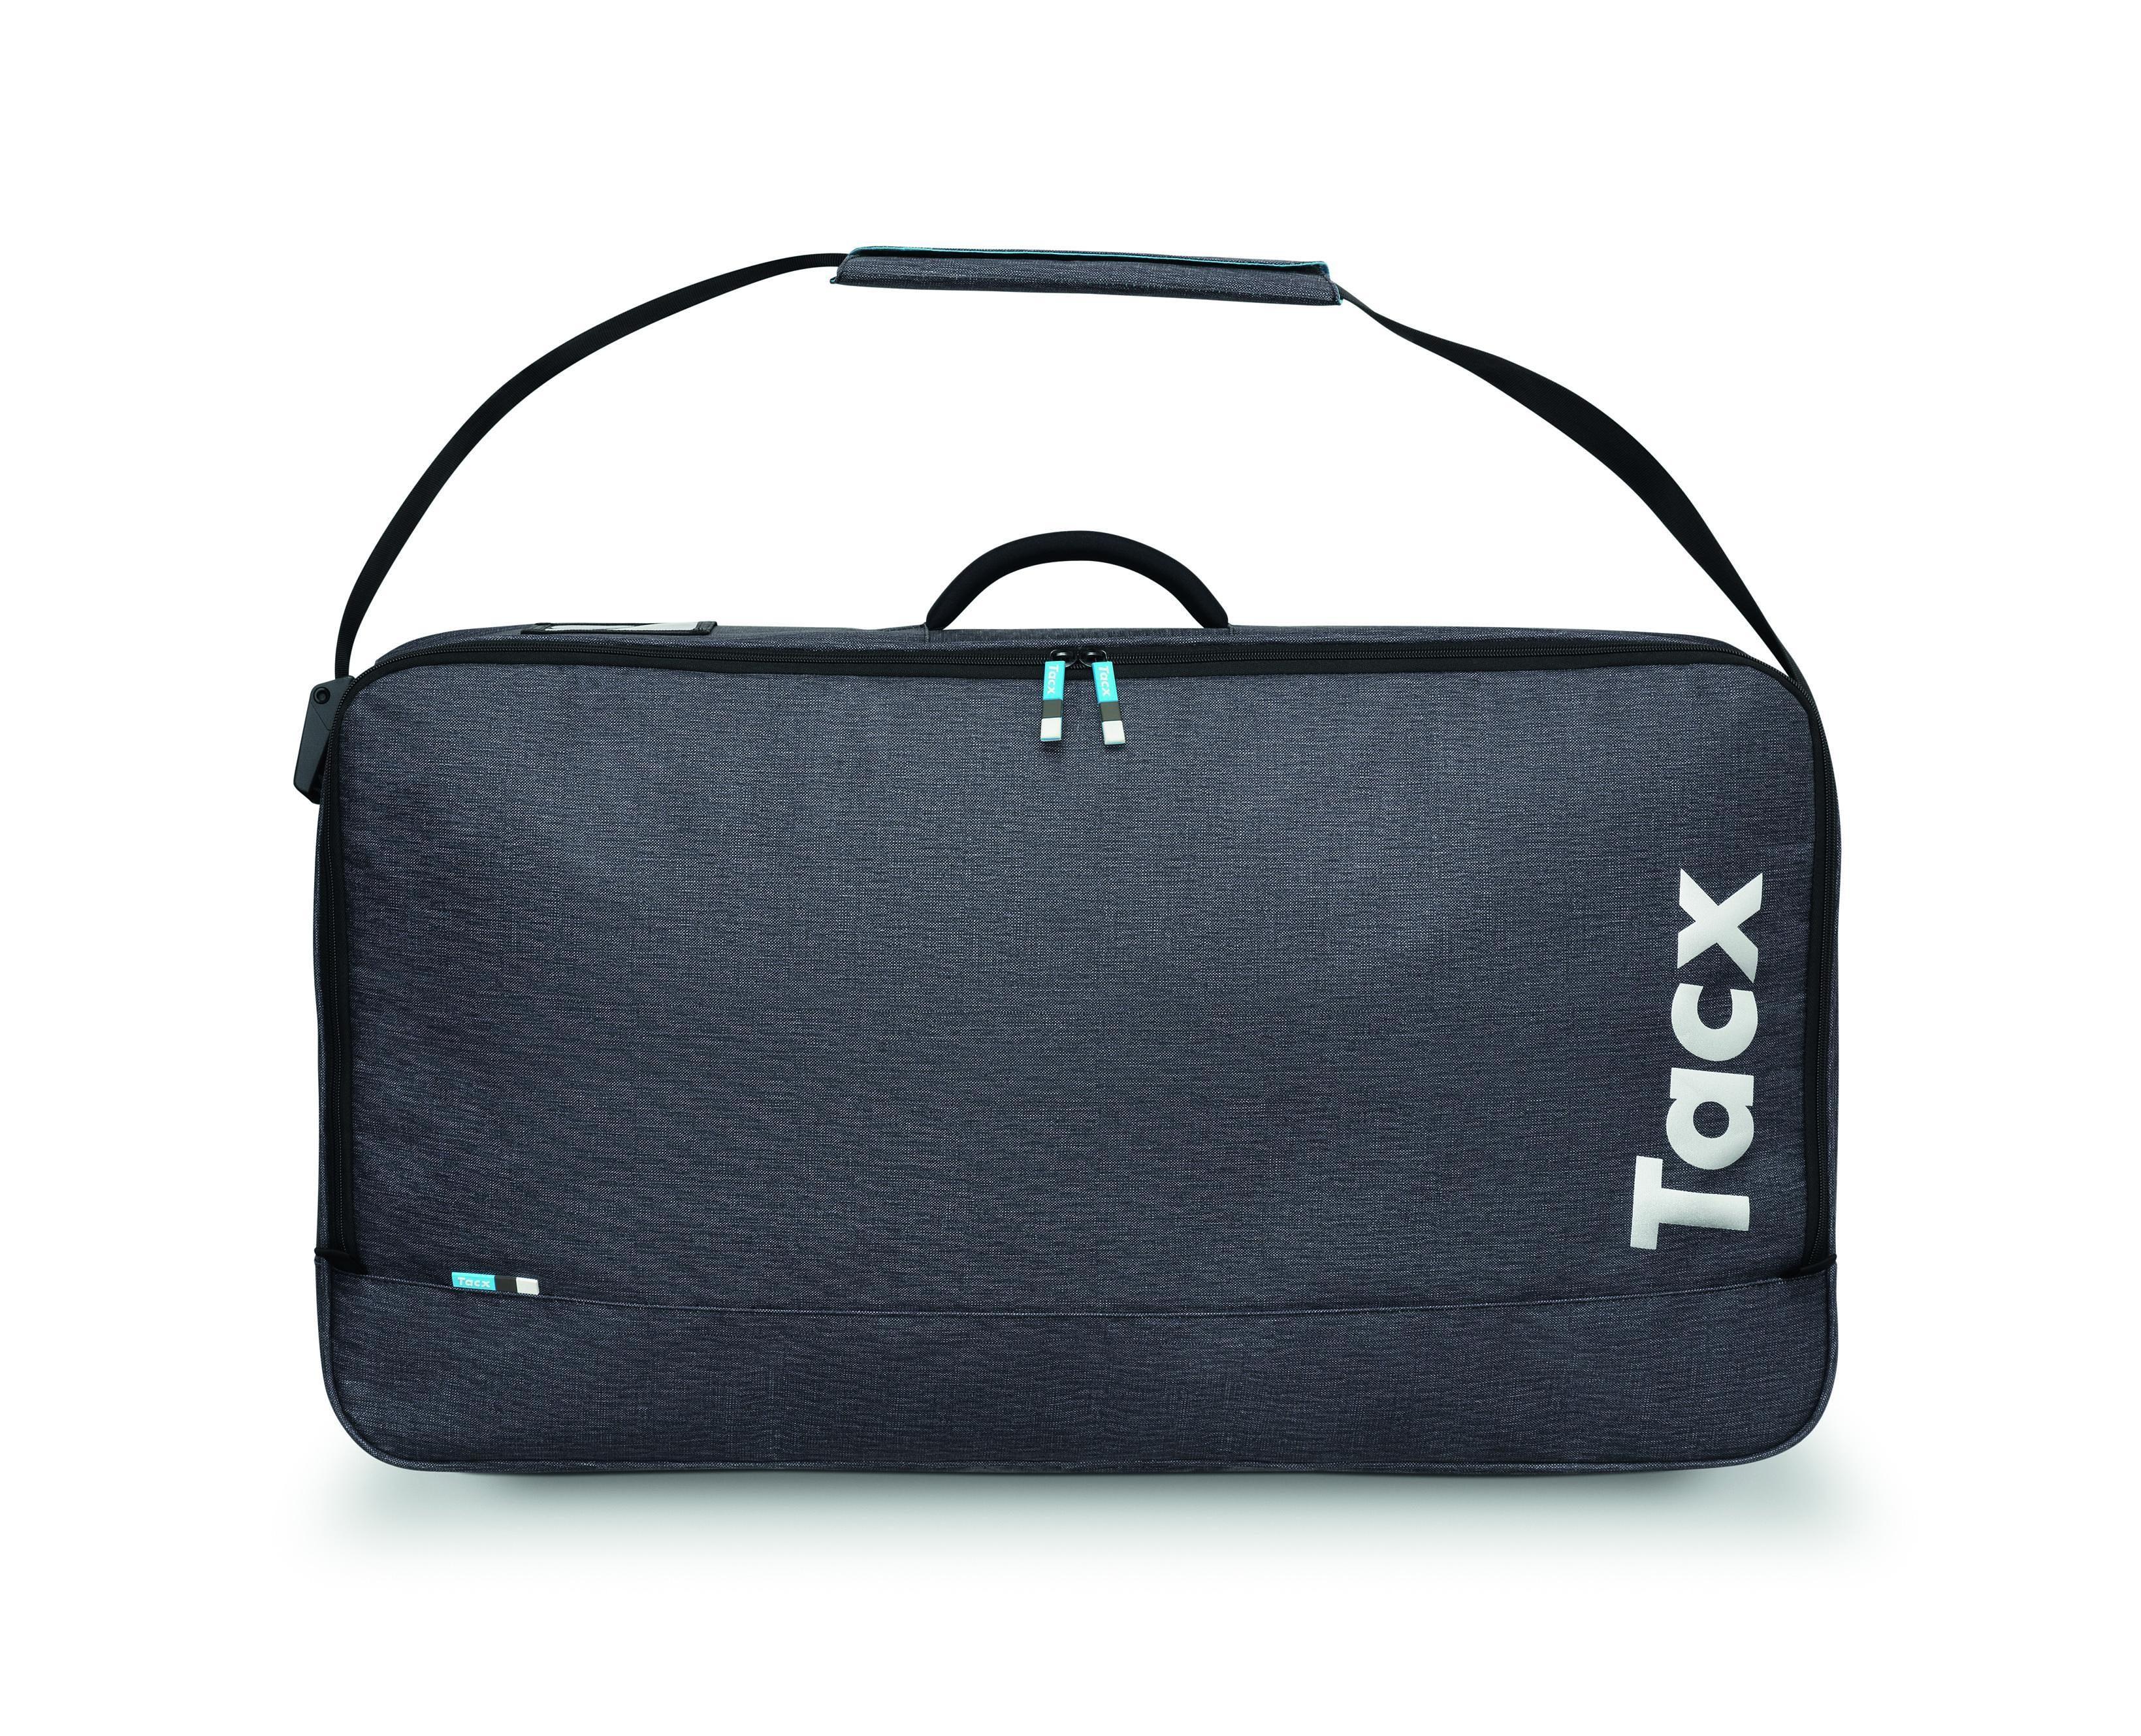 Tacx Vorderradstütze »Tacx Transporttasche für Antares & Galaxia«